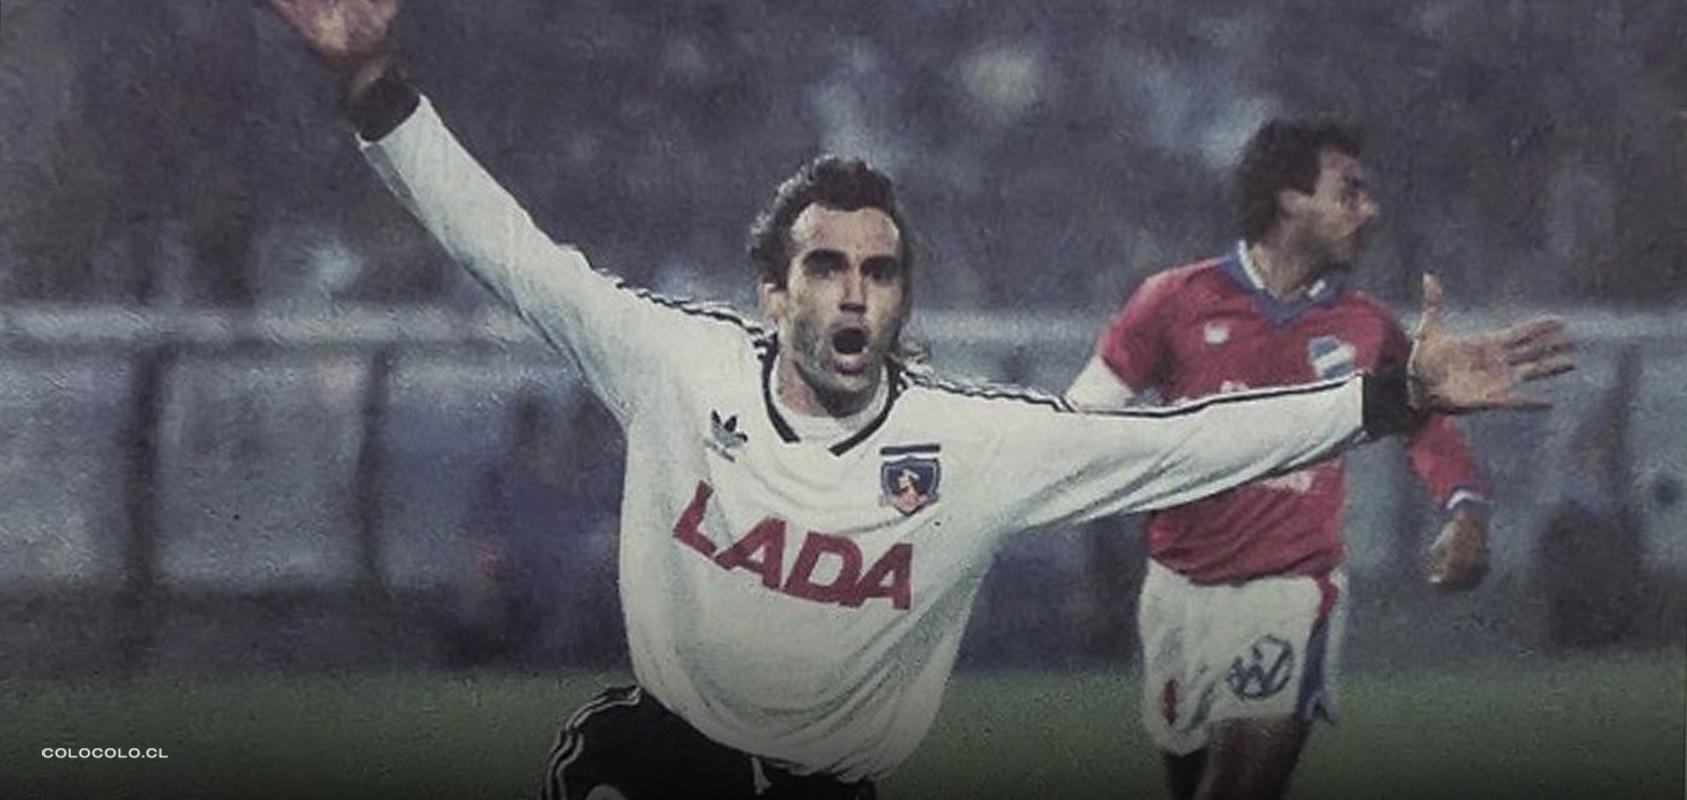 """Dabrowski y Colo-Colo 1991: """"Fue lindo ser el goleador de ese torneo, pero más importante lo que conseguimos como equipo"""""""